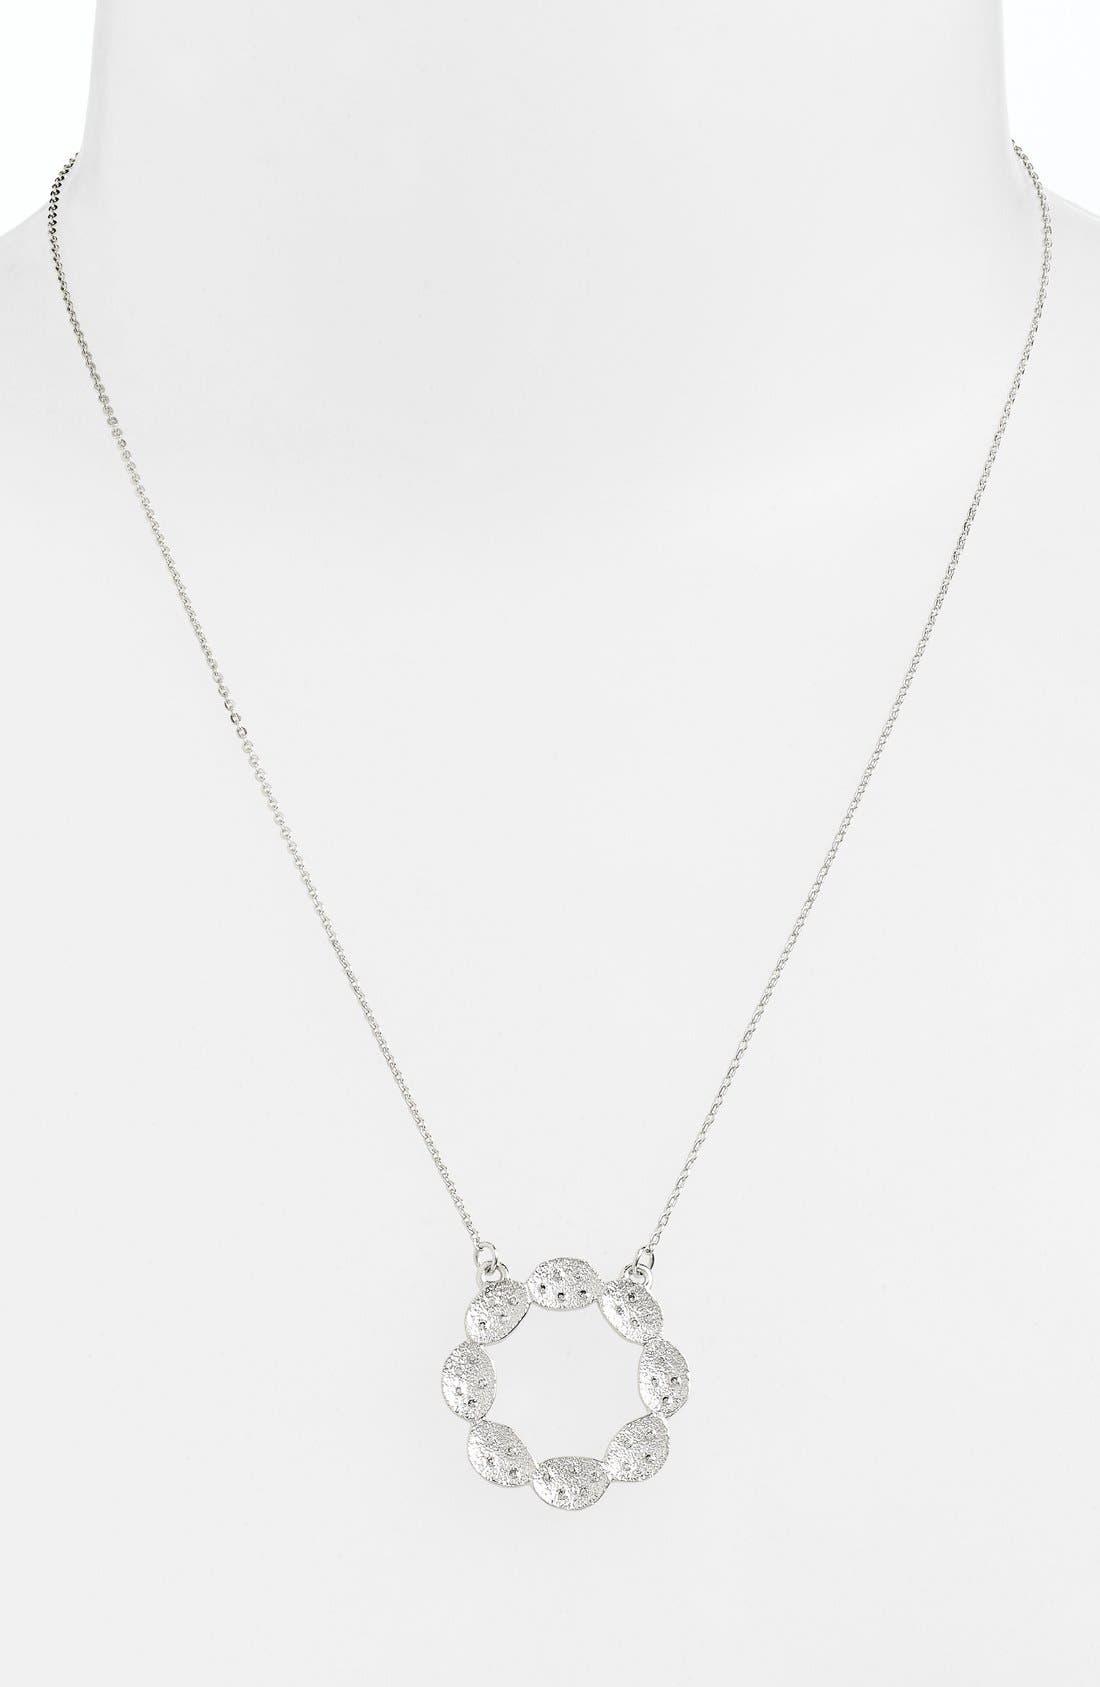 Main Image - Melinda Maria 'Ashley' Pod Pendant Necklace